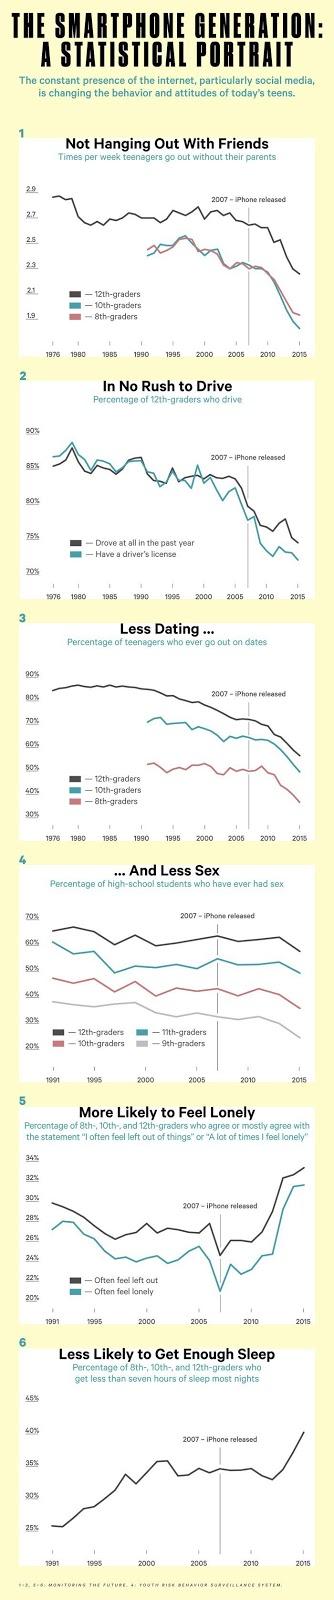 Statystyki o zachowaniach nastolatków w social media